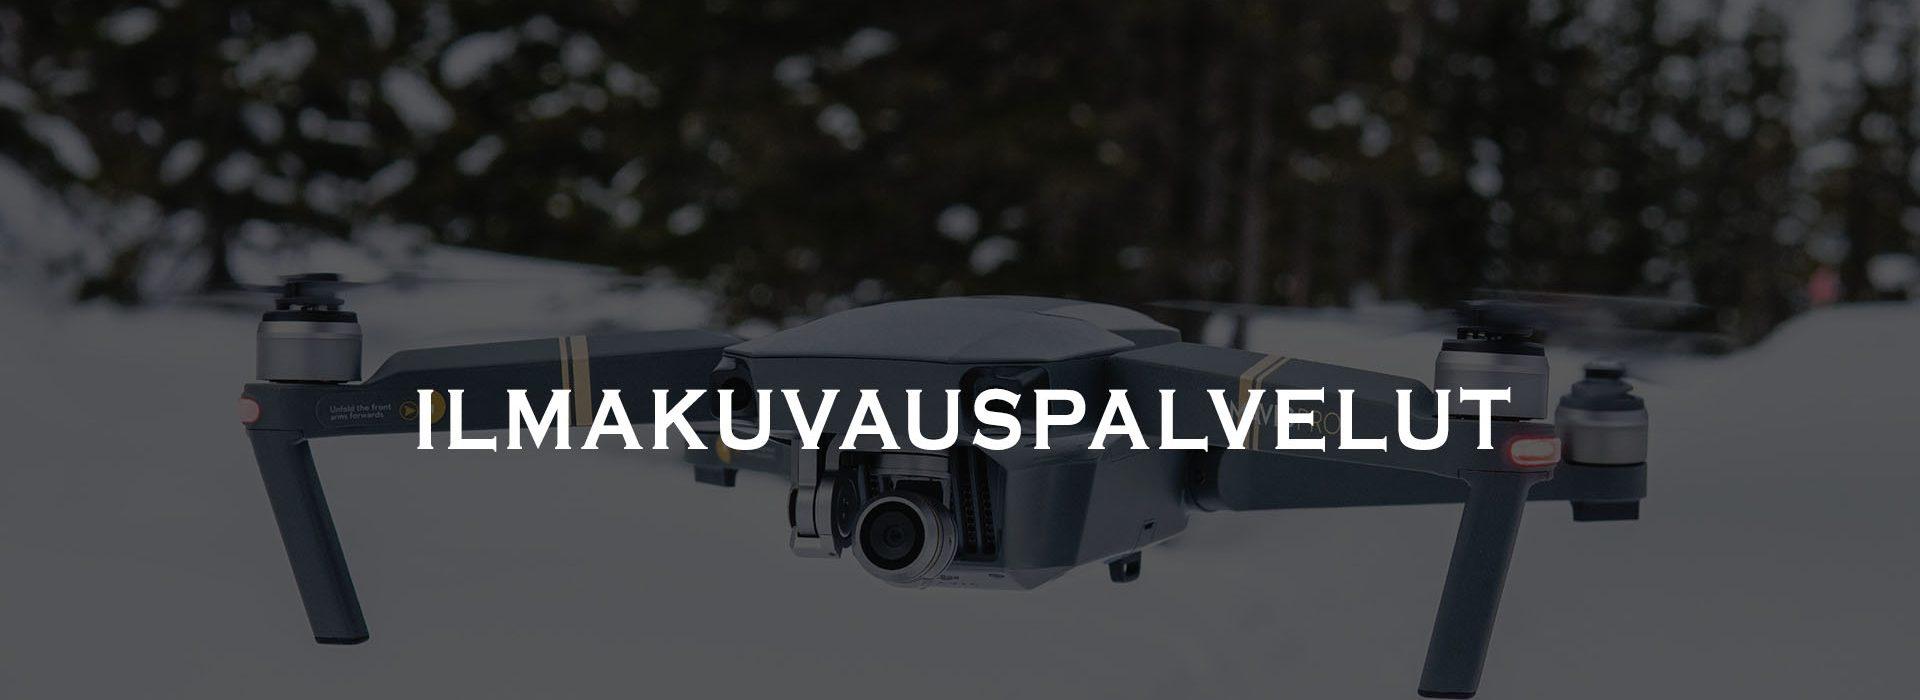 Ilmakuvauspalvelut Pohjois-Savossa - FinMacGyver Oy